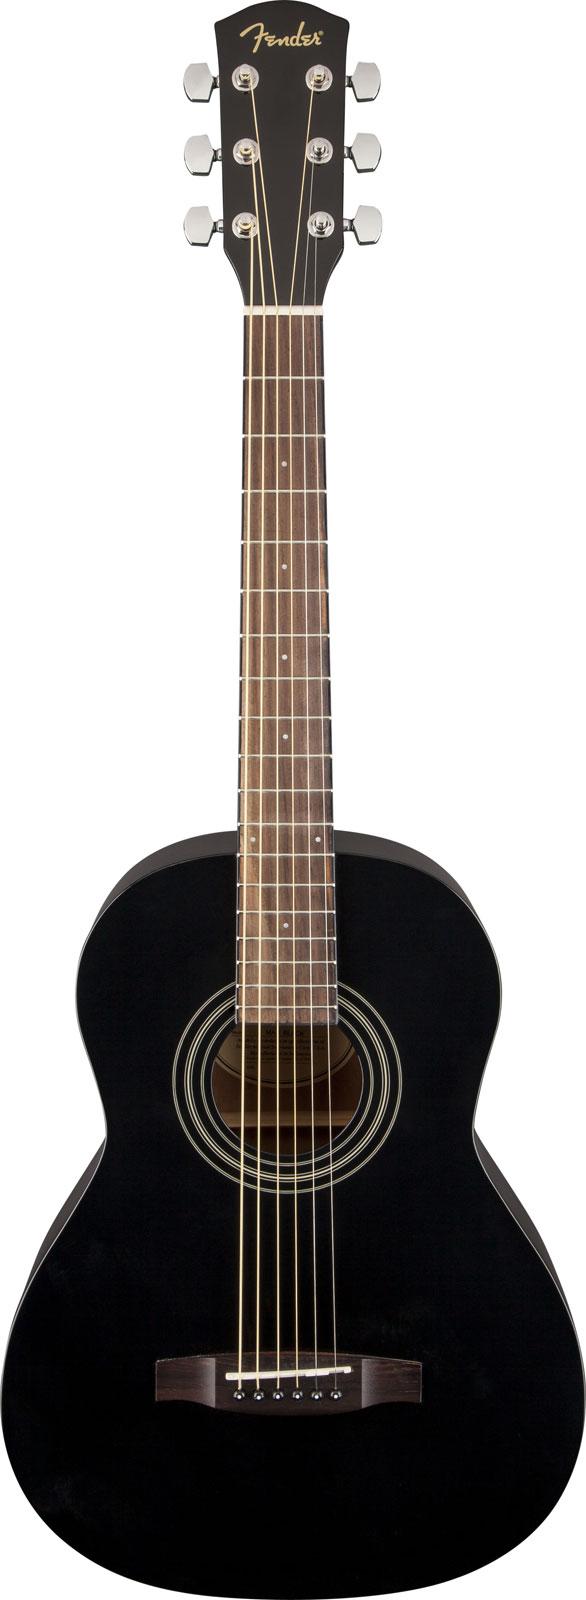 Fender Ma 1 3/4 Steel String Gloss Black